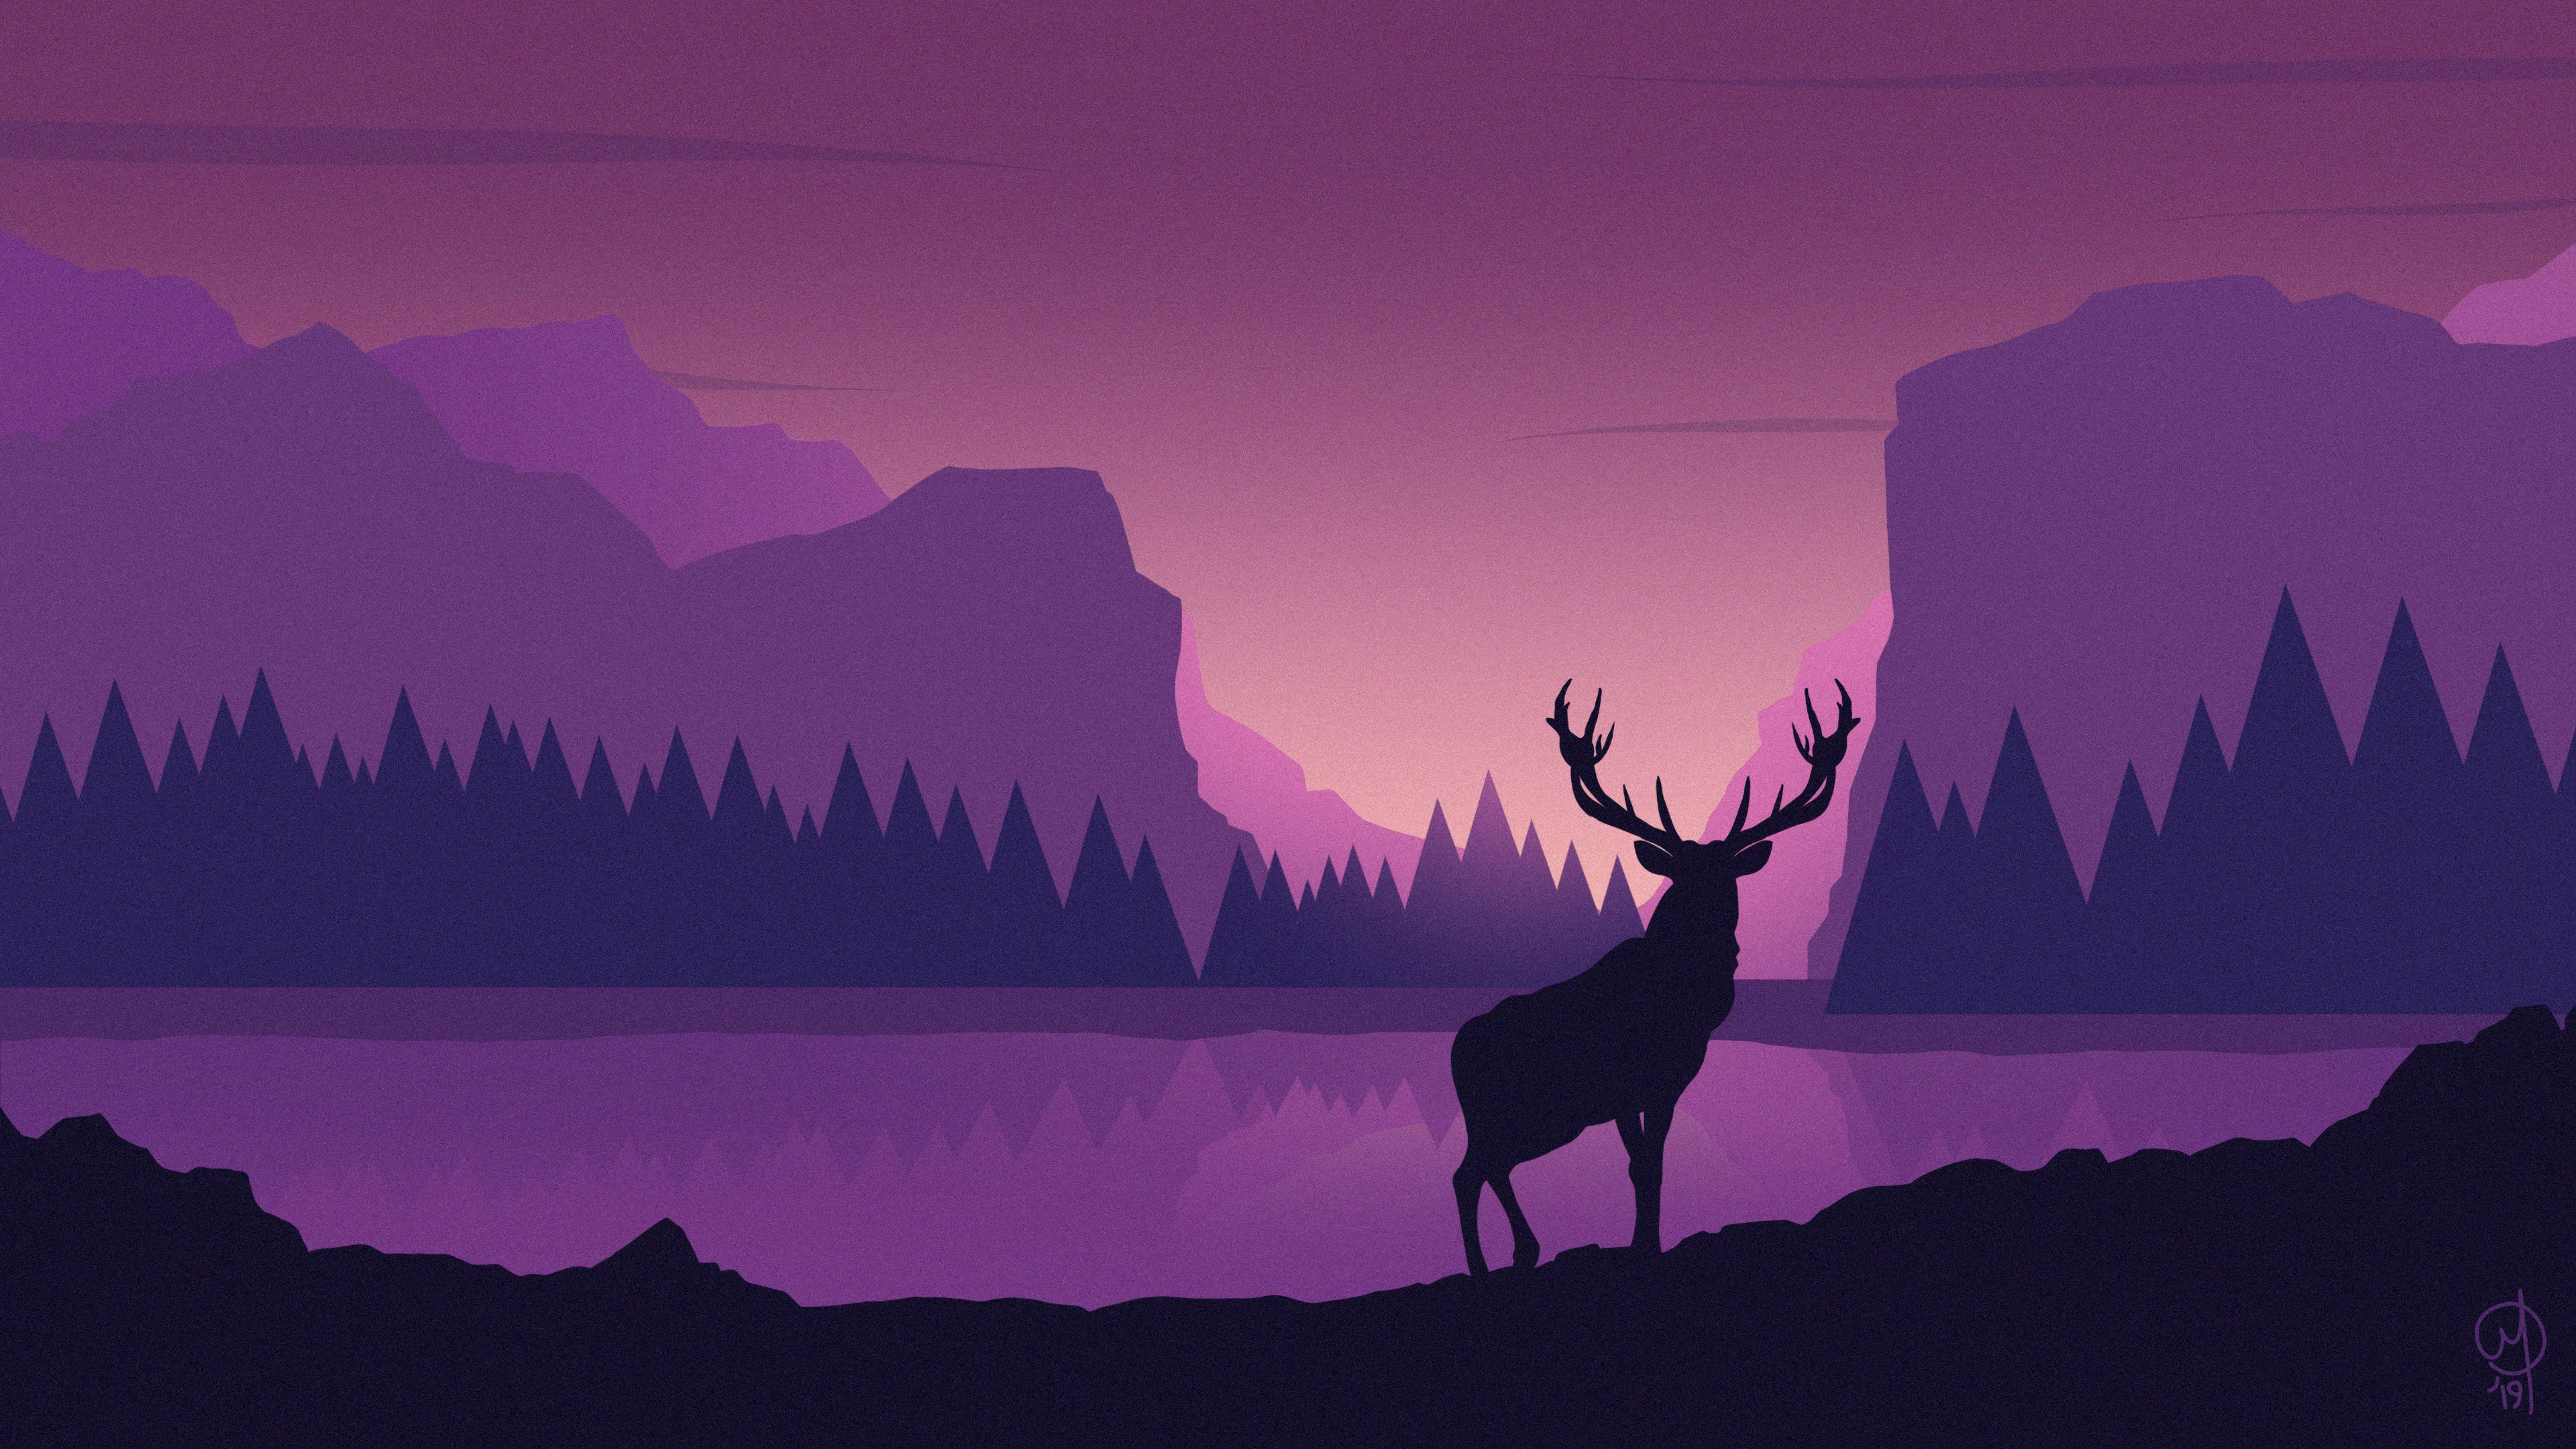 143442 Protetores de tela e papéis de parede Montanhas em seu telefone. Baixe Vetor, Paisagem, Arte, Montanhas, Veado, Cervo fotos gratuitamente